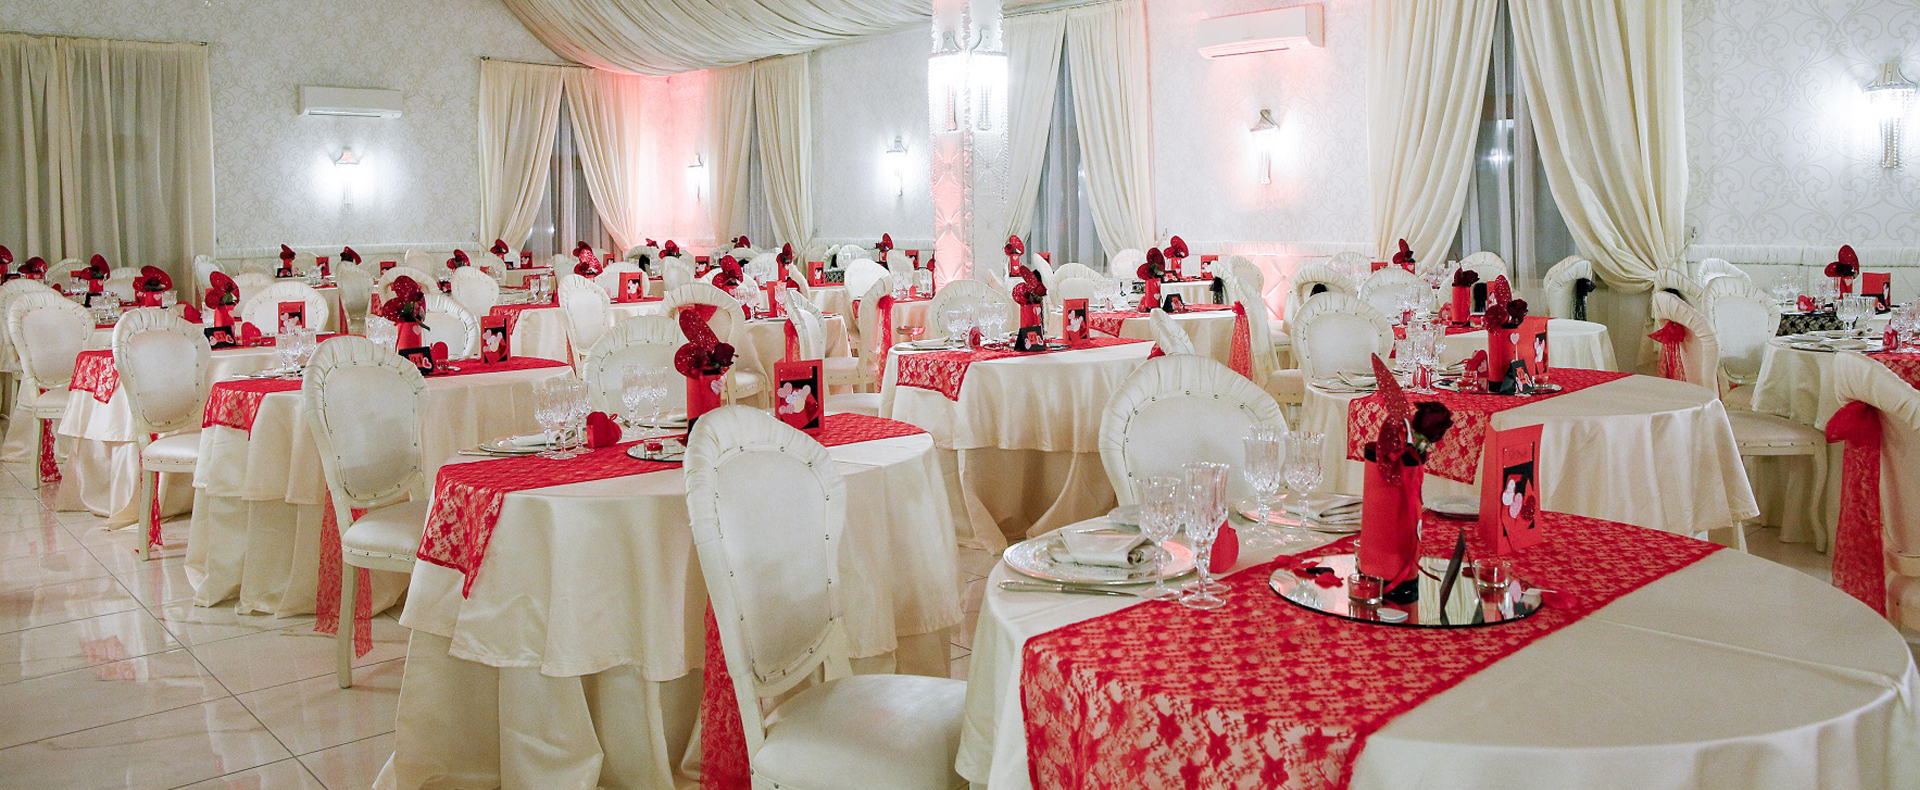 San Valentino 2018: una serata romantica a Villa Antica Le Dune